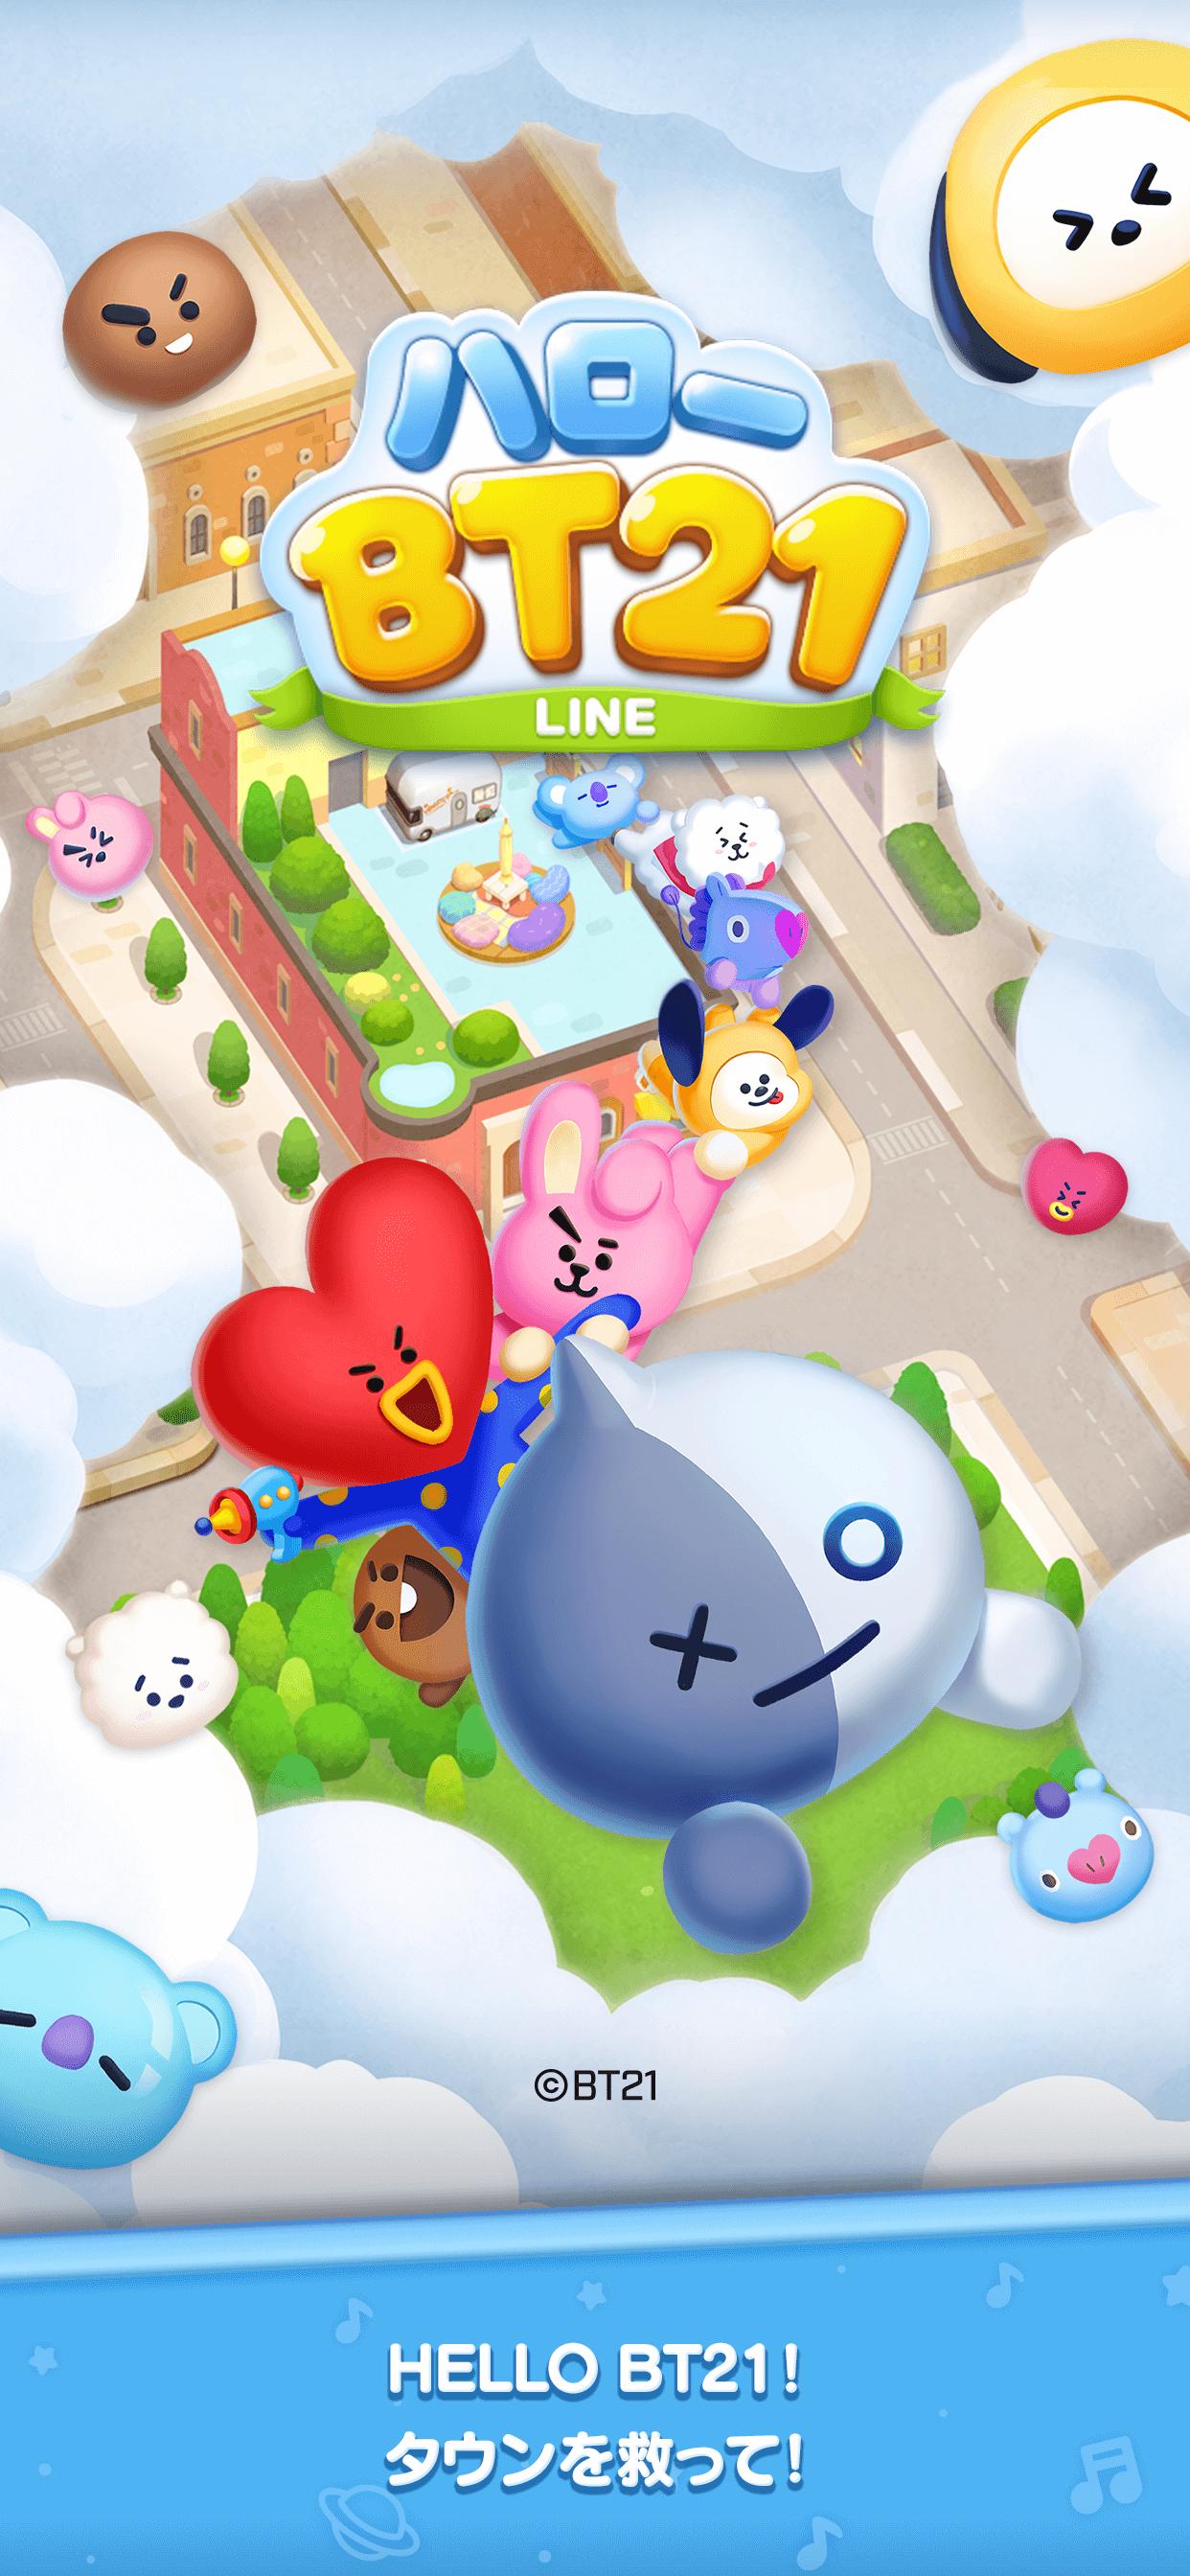 Screenshot 1: LINE HELLO BT21